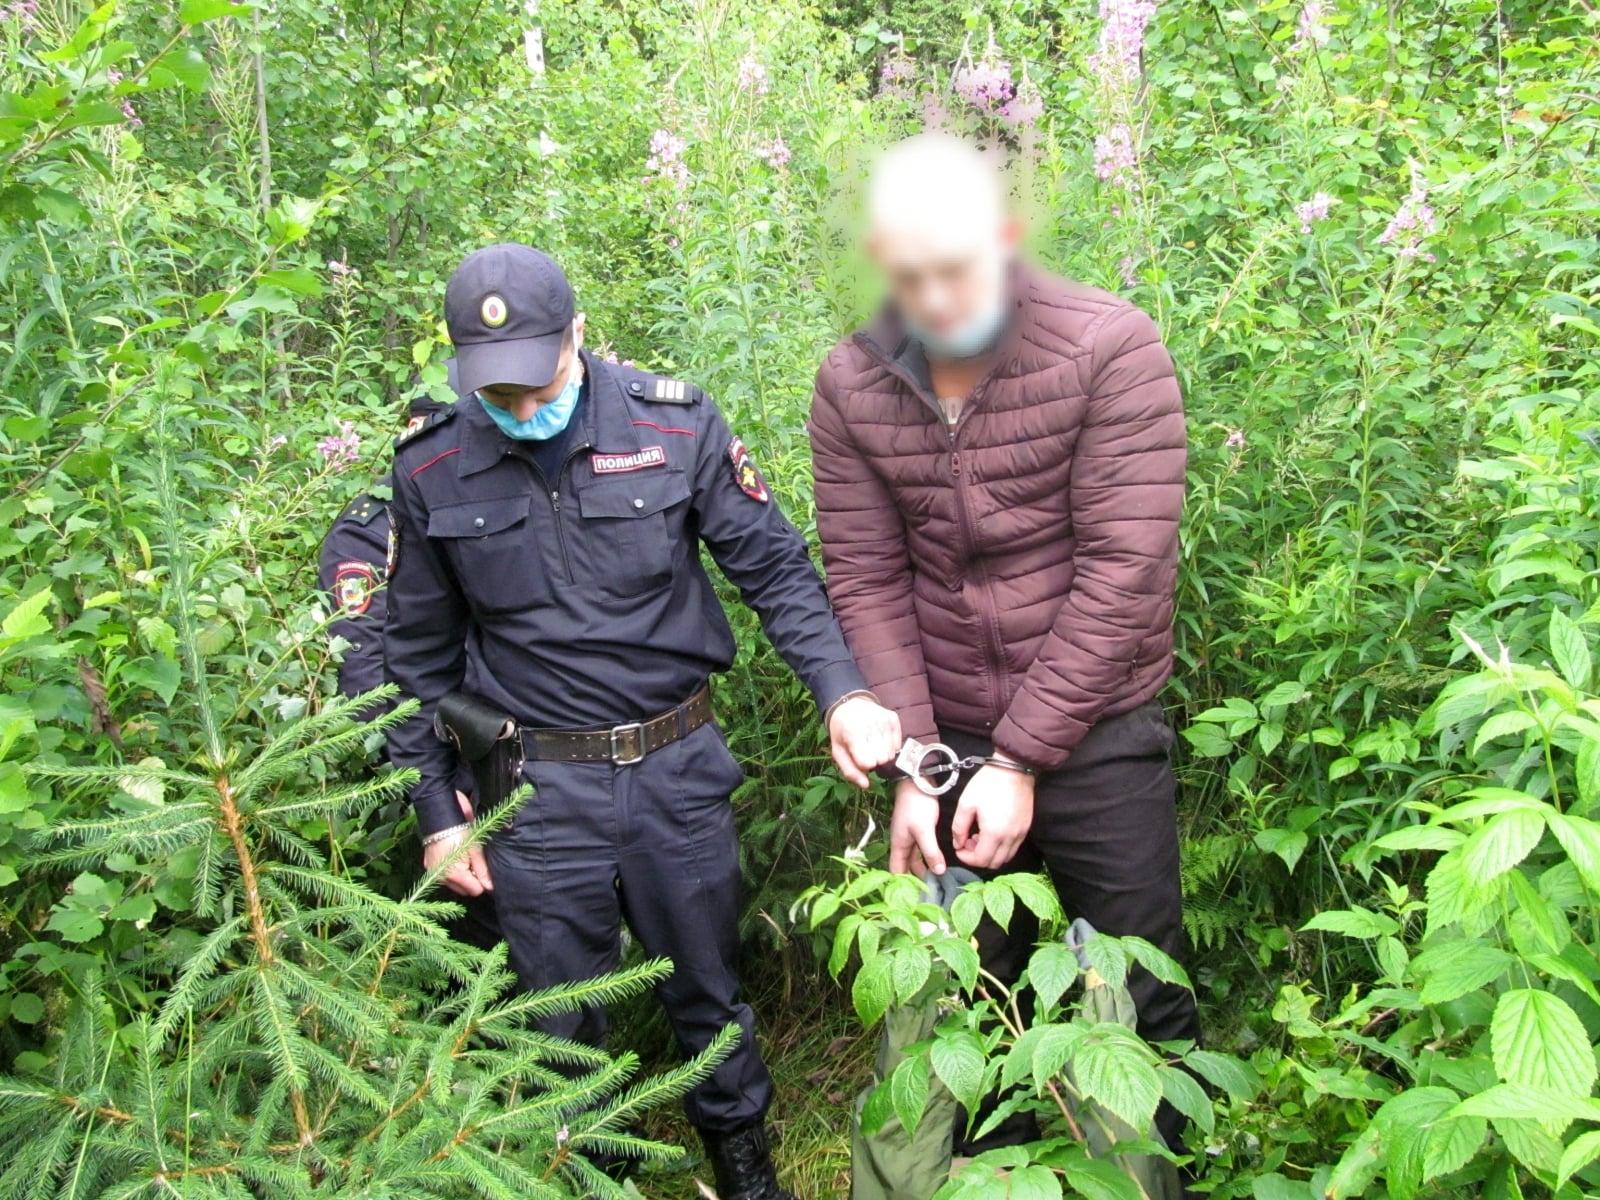 Житель Тверской области может сесть пожизненно за убийство и изнасилование